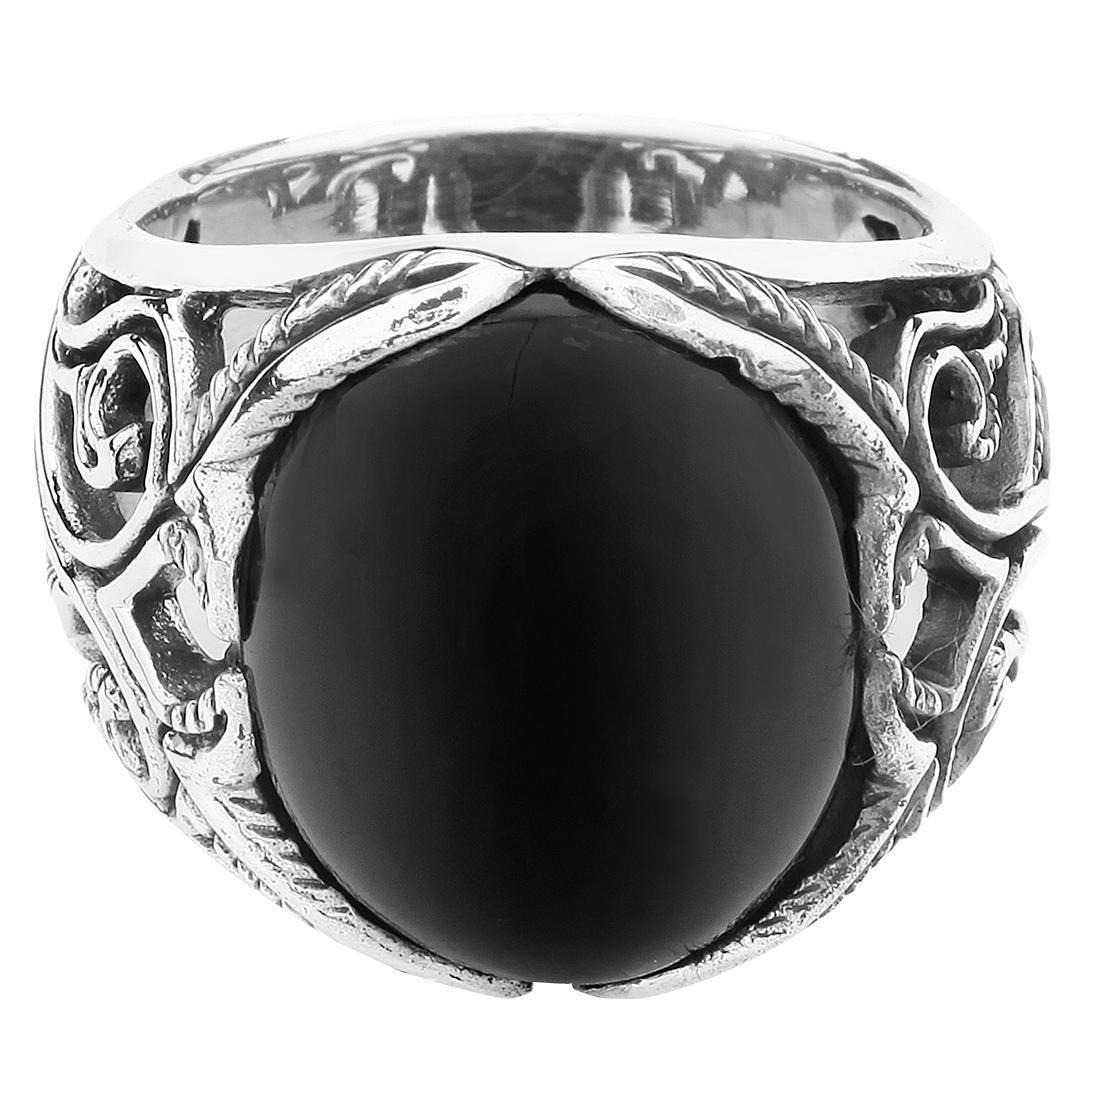 """Anello """"Big Black Ornament"""" con pietra nera (onice) incastonata e motivo decorativo tutto intorno. Materiale: acciaio inossidabile. Larghezza: 20 mm."""